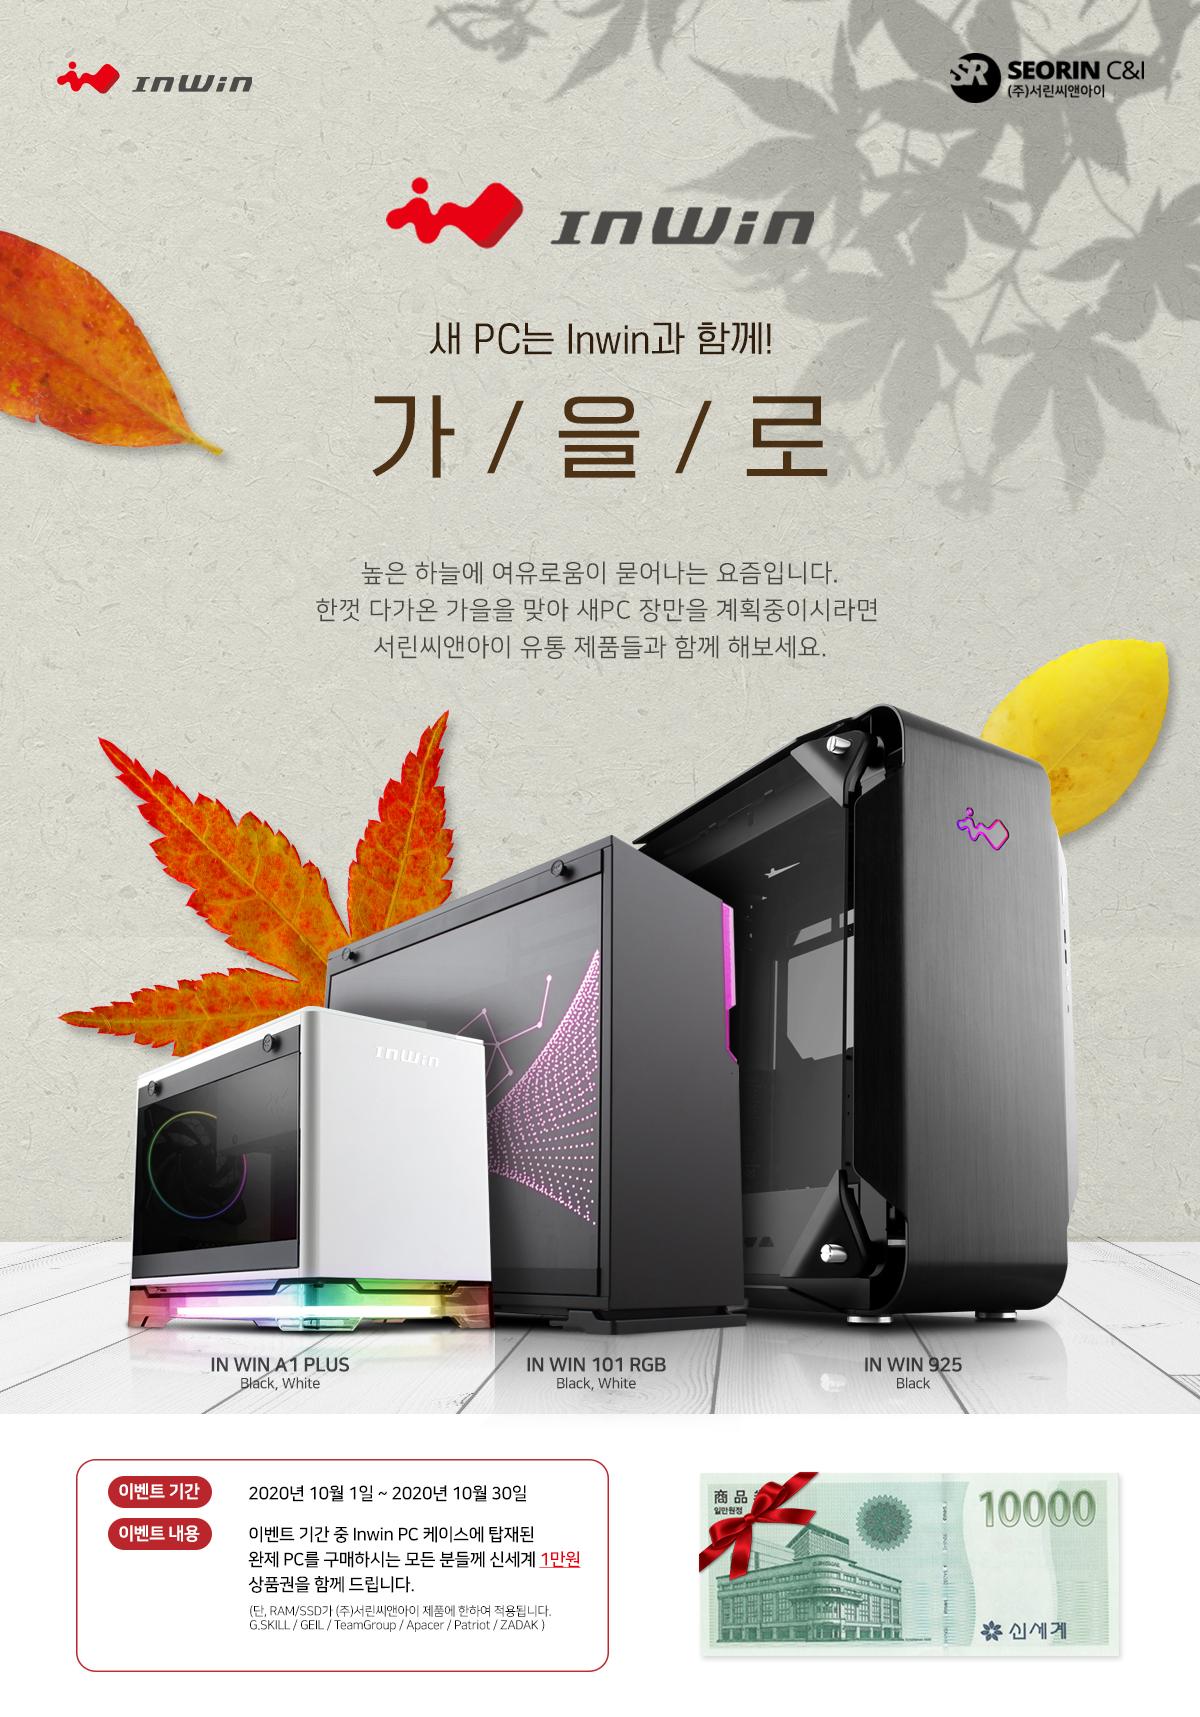 가/을/로 PC케이스라면 역시 서린에서! 인윈 완제PC 구매자 대상 이벤트!